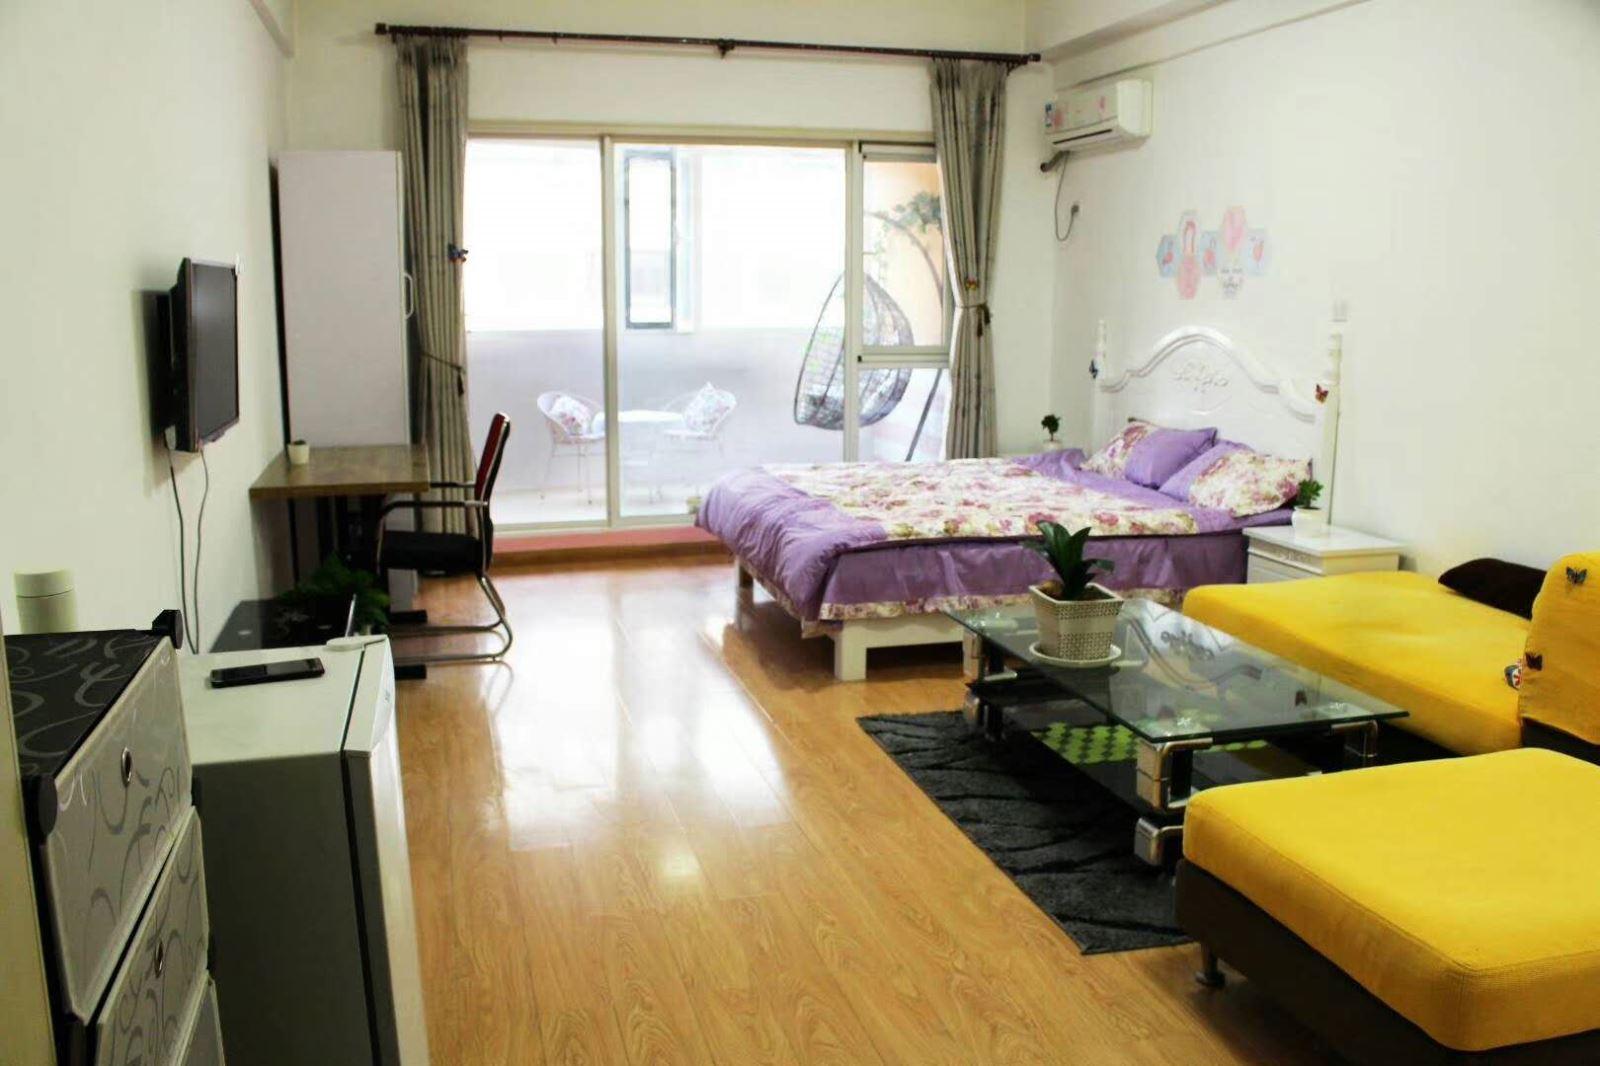 韩乐坊南向精装一室公寓家电家具齐全 温馨拎包入住